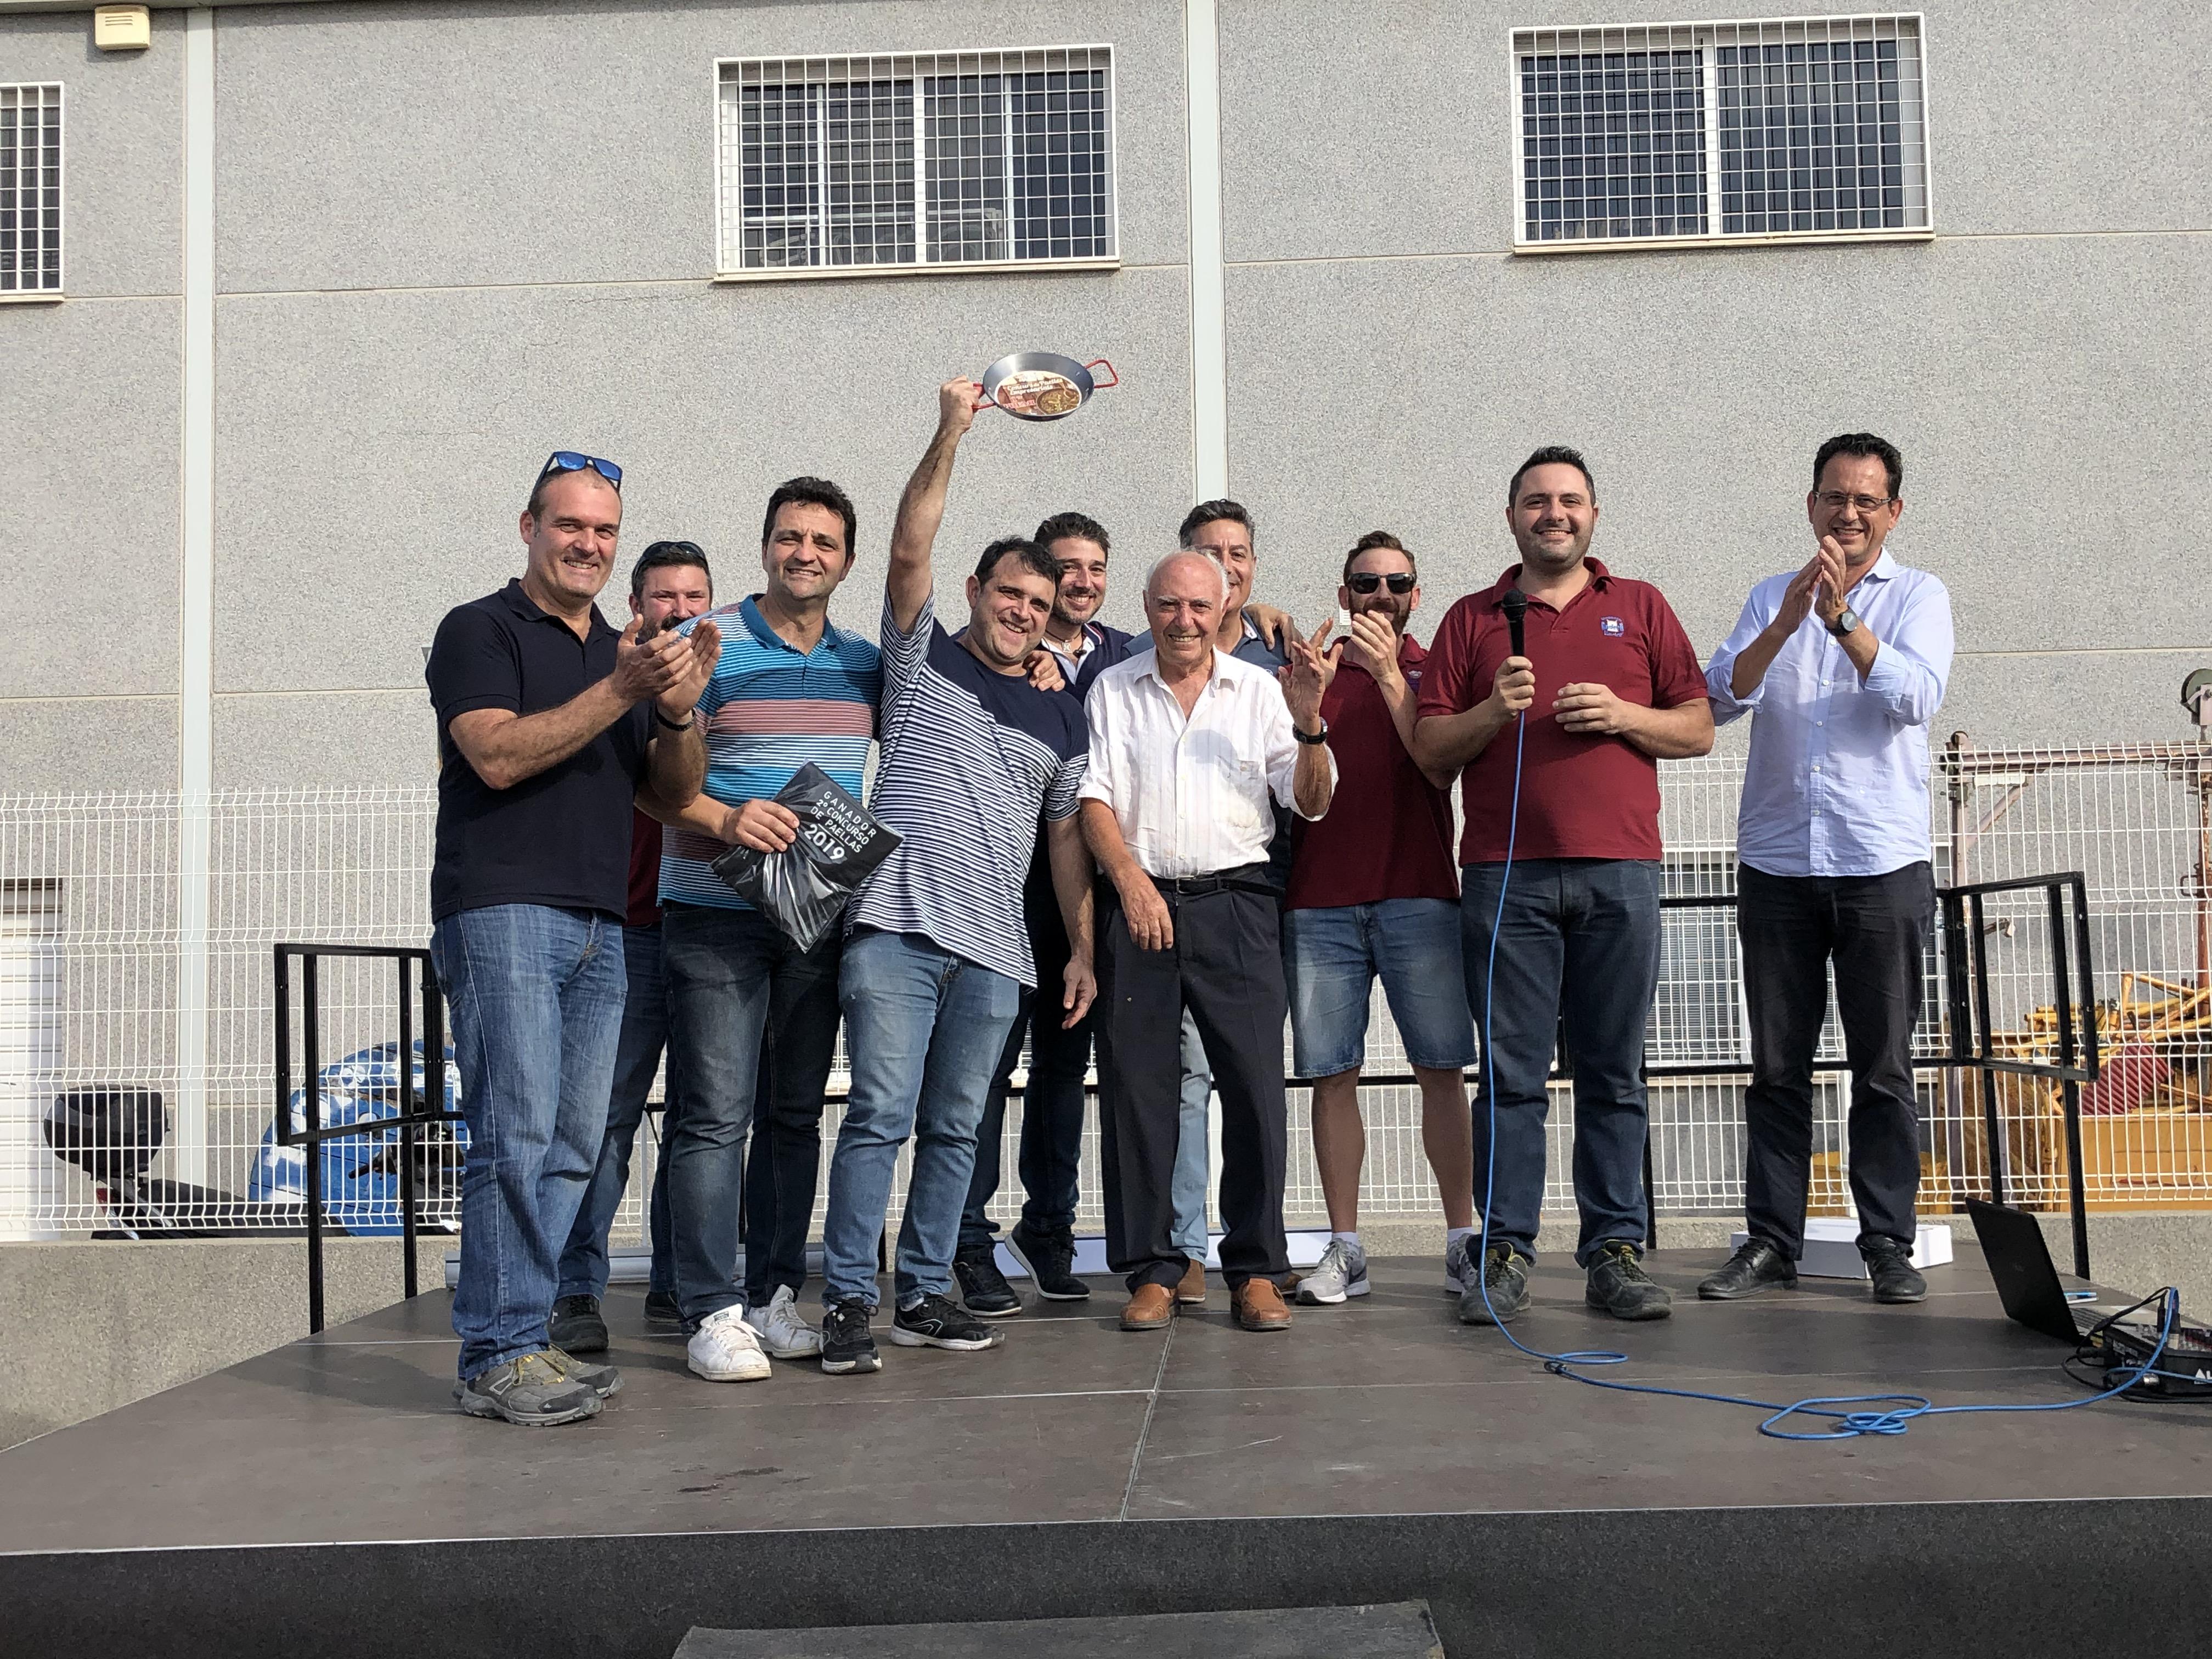 IMG 5092 - Día del Polígono. 2º Concurso de Paellas Empresariales